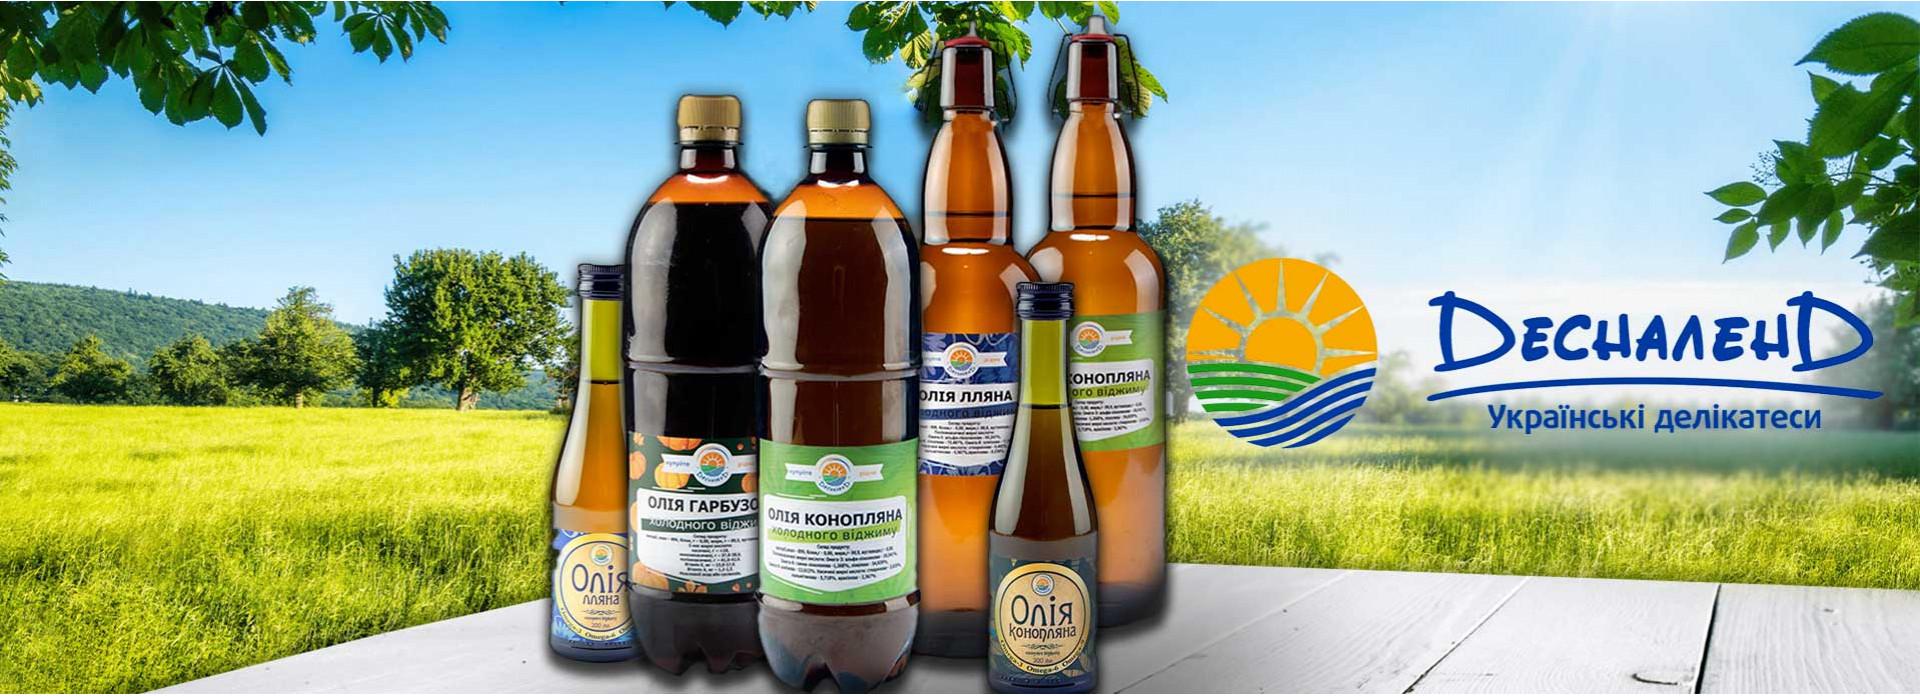 Рослинні олії холодного віджиму виробництва Десналенд